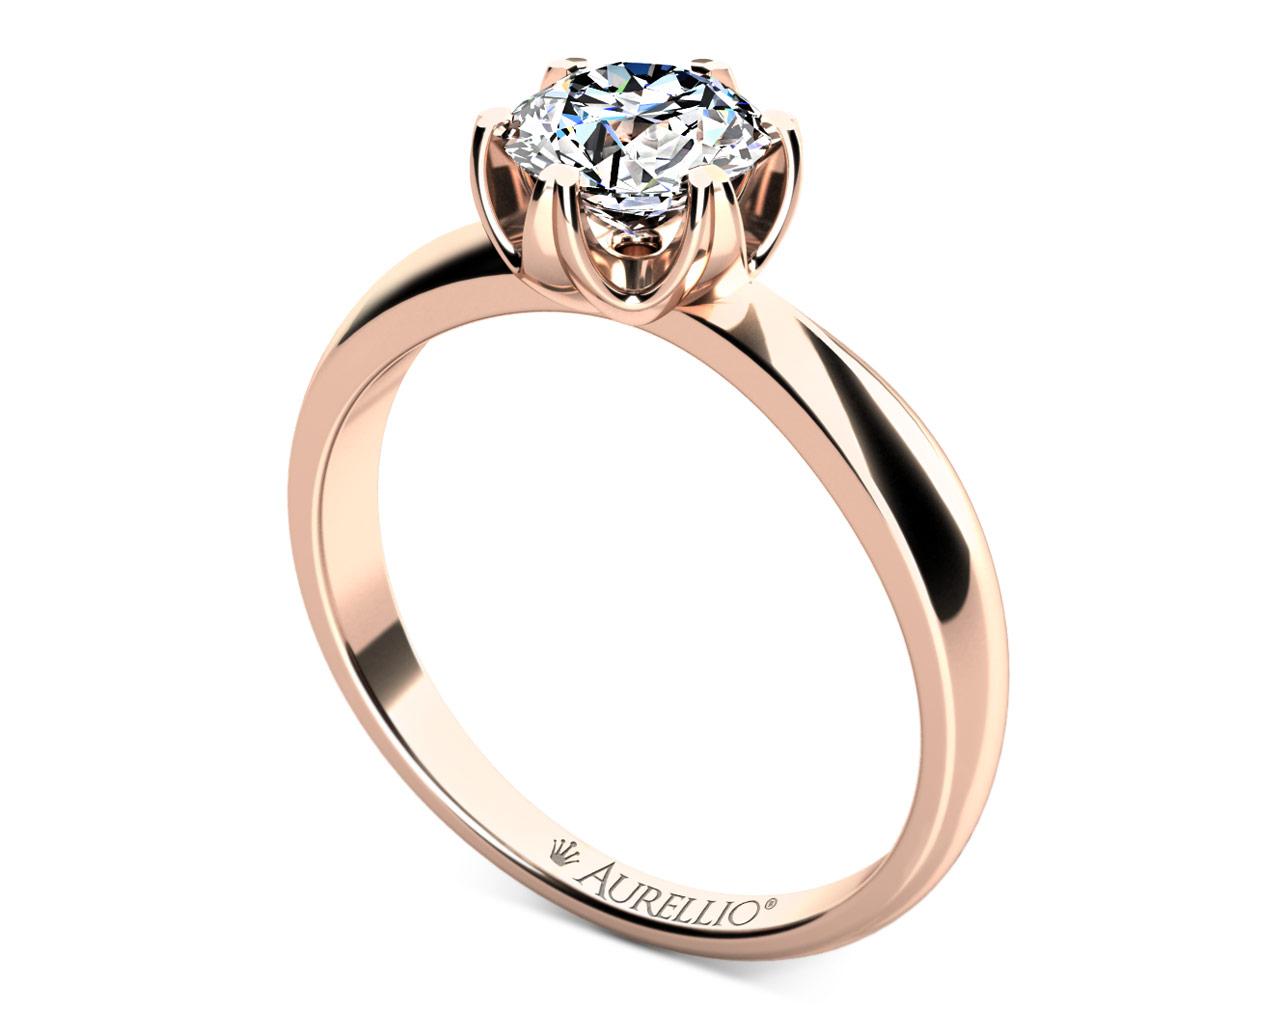 Zásnubní prsten - Hvězda Atria 1. fotka